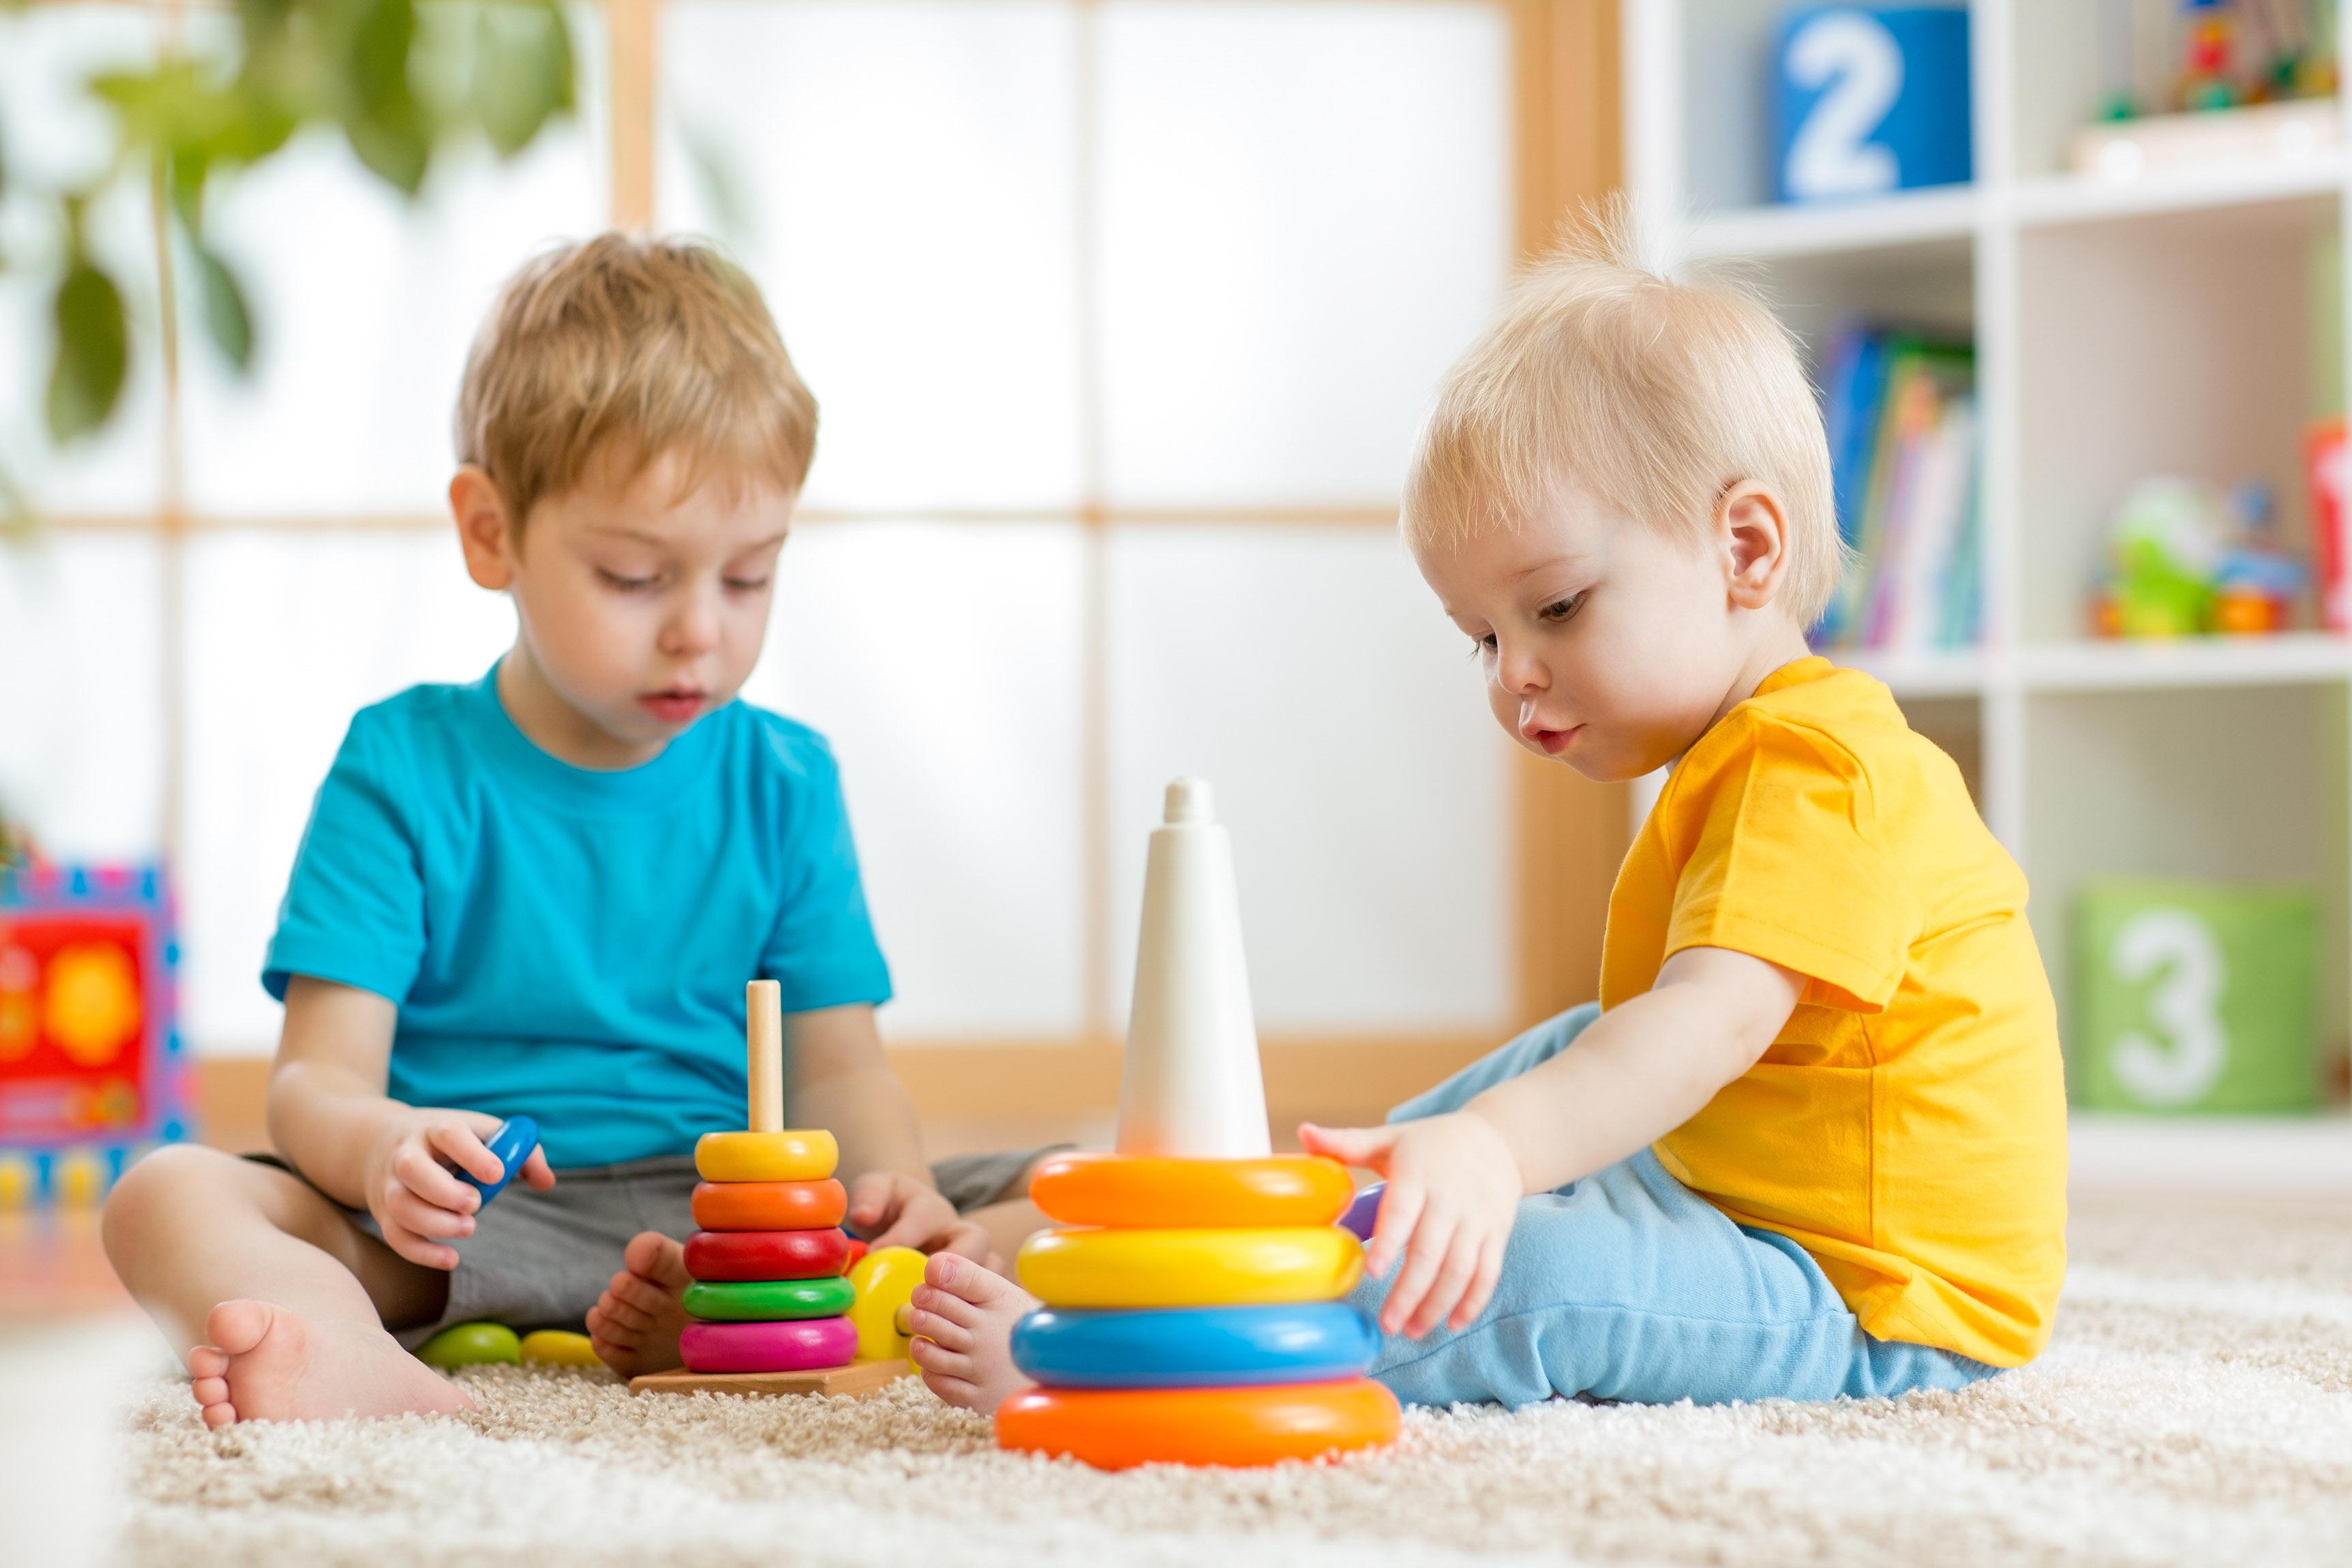 در انتخاب اسباب بازی متناسب با سن کودک دقت کنید